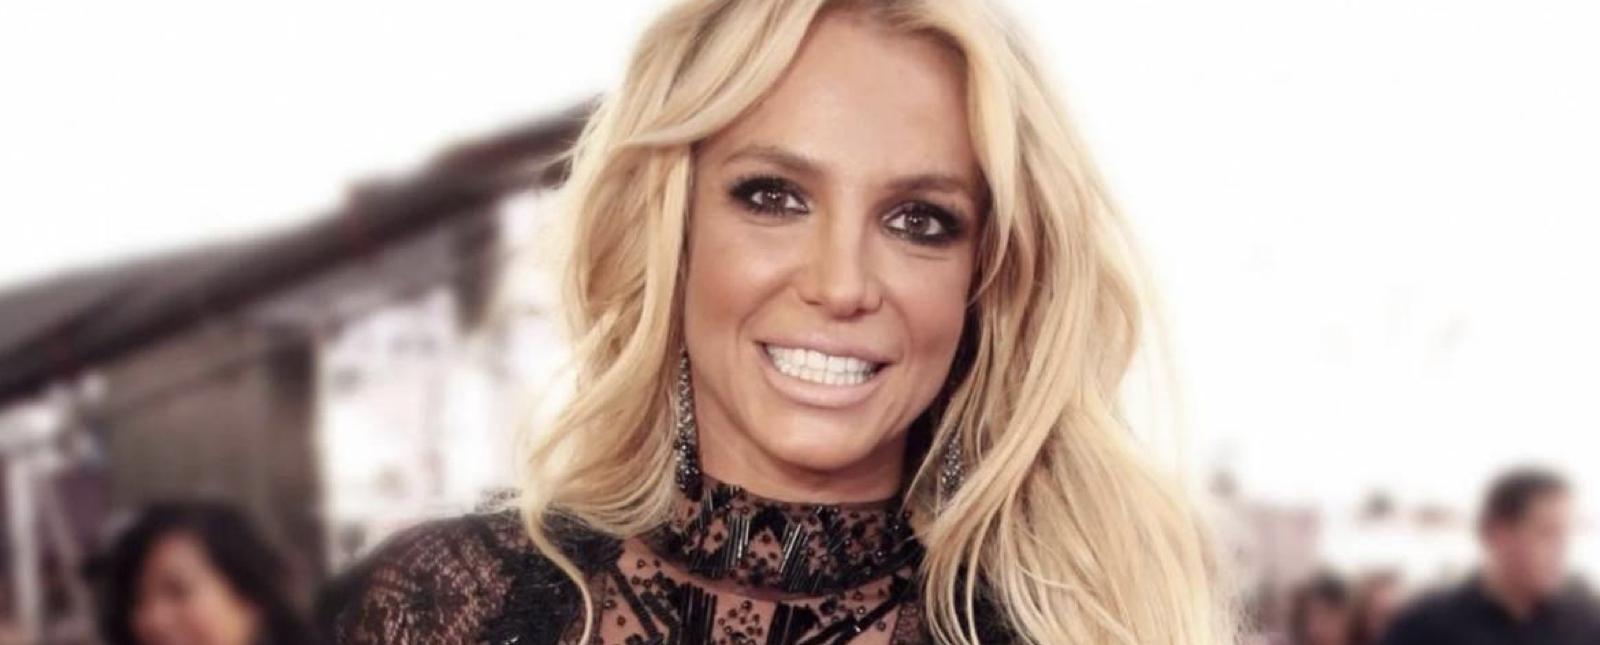 Britney Spears anuncia su retiro temporal de los escenarios